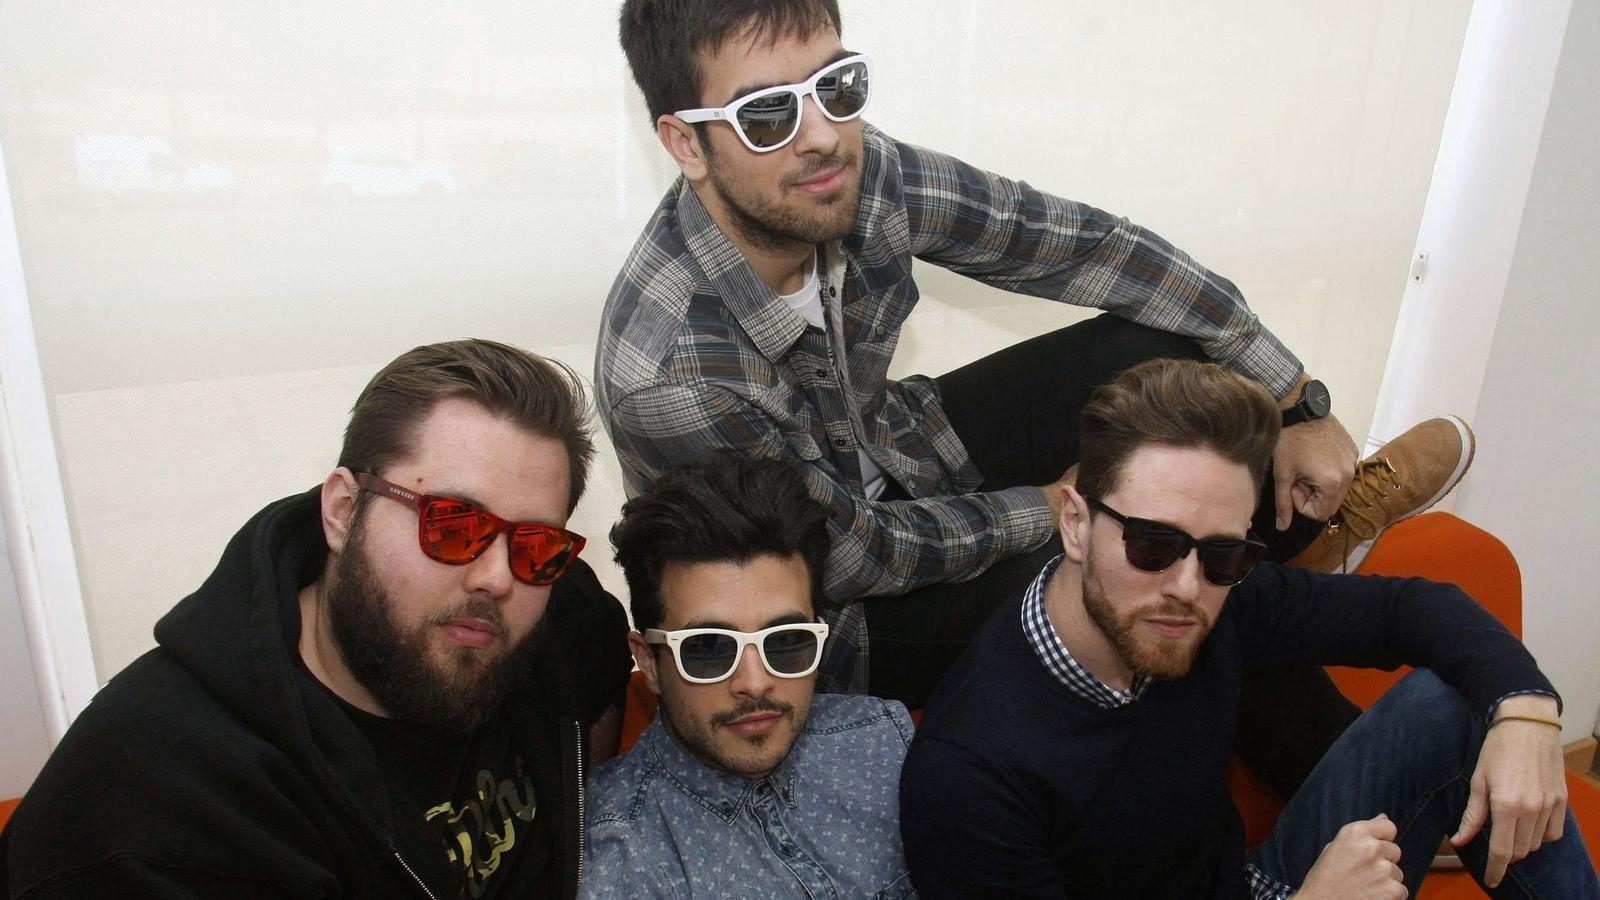 cbc4457129 Hawkers: estos son los culpables de que uses las gafas de sol que llevas